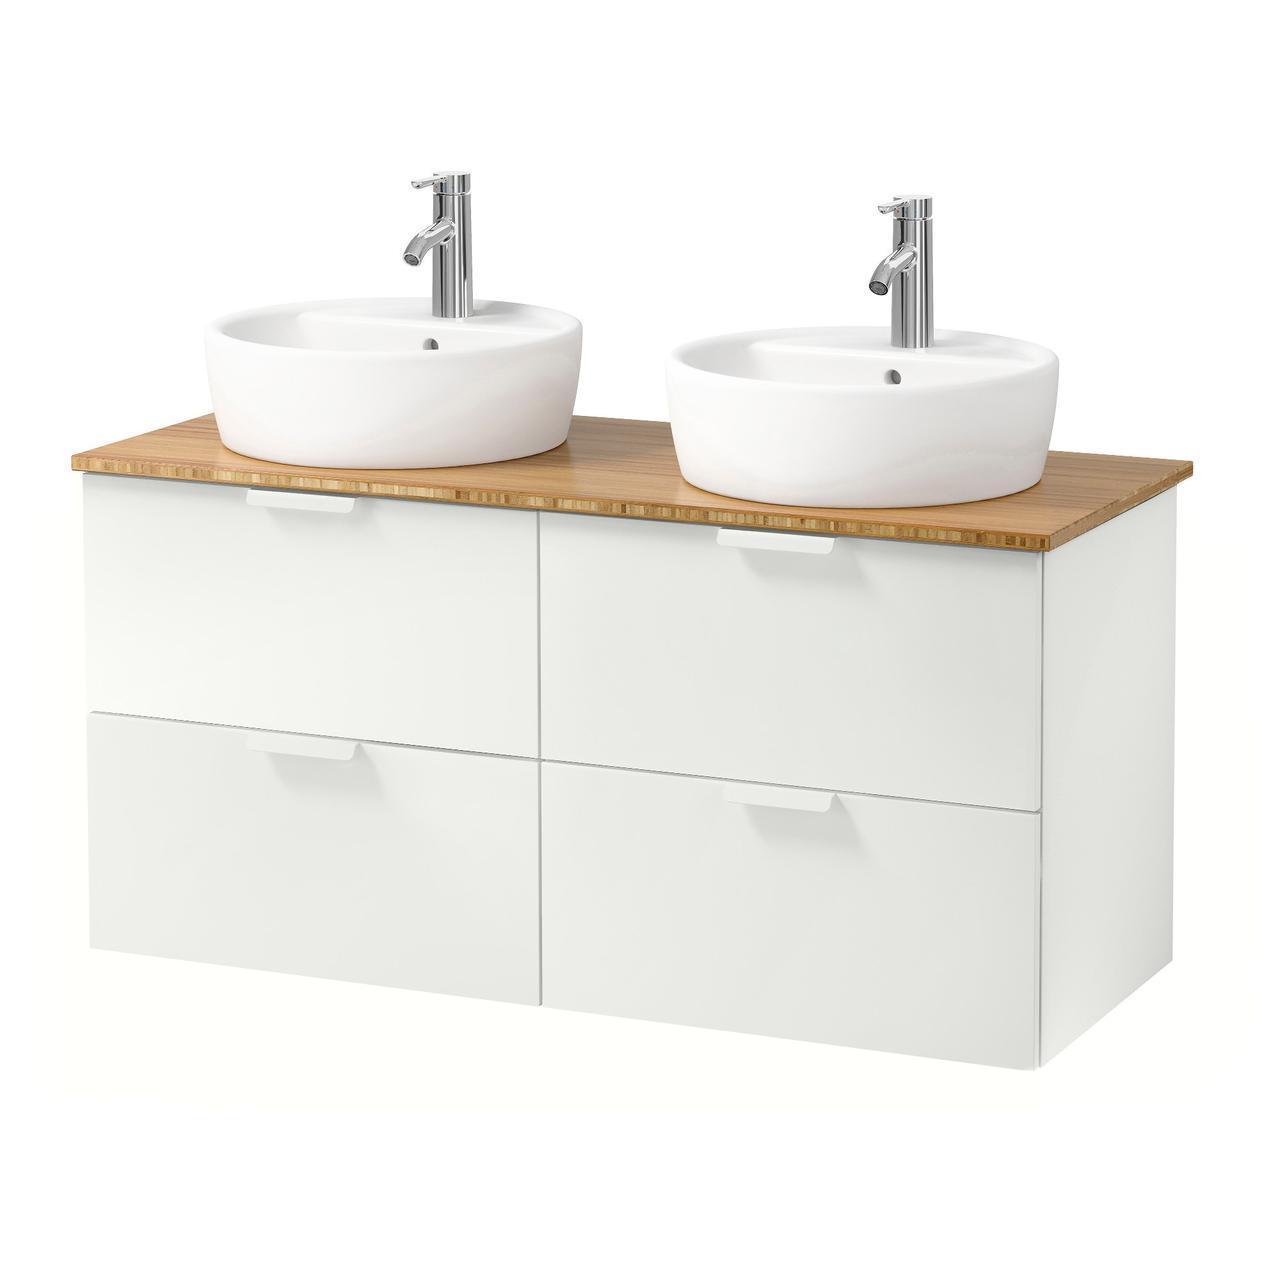 IKEA GODMORGON/TOLKEN/TORNVIKEN Шафа під умивальник з раковиною, білий, бамбук (691.849.21)